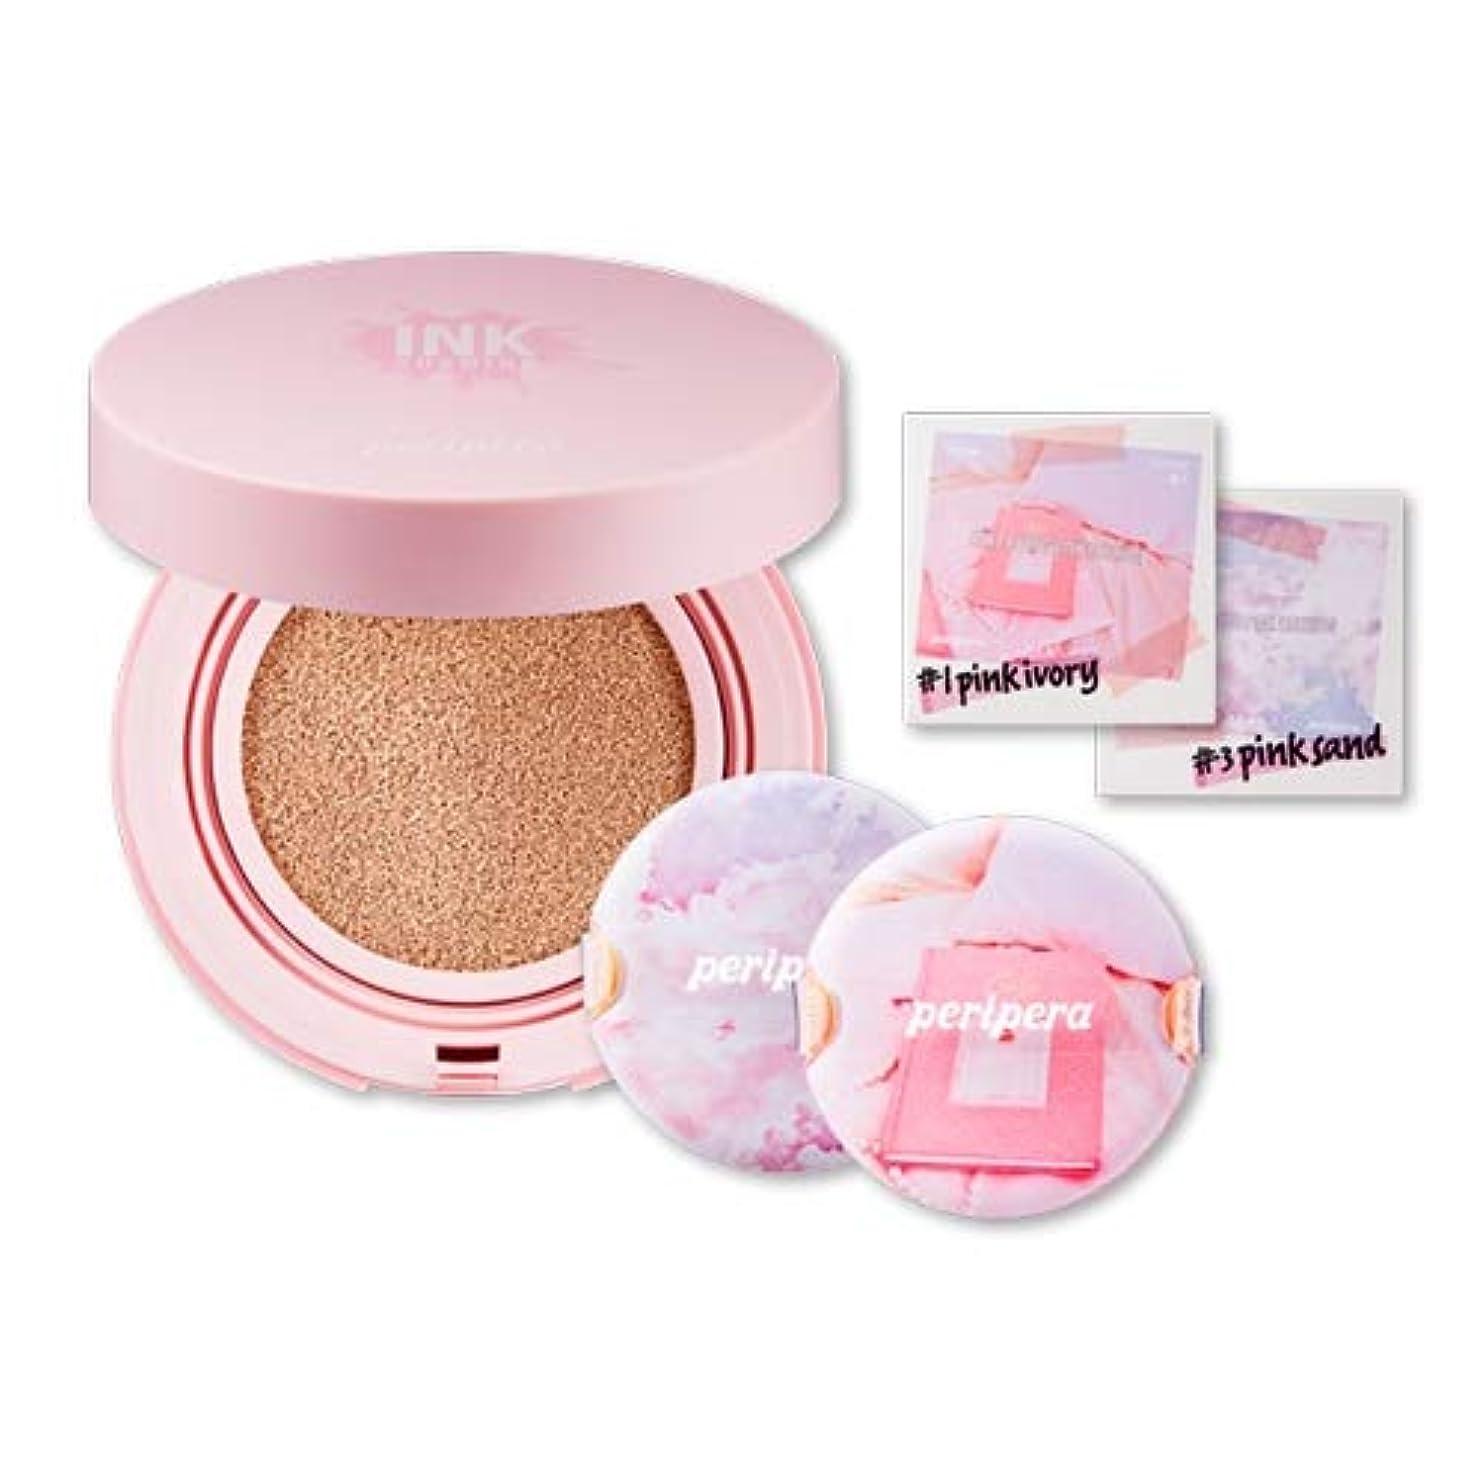 歌詞カメ文明化Peripera ペリペラ [ピンクの瞬間] インクラスティング ピンク クッション [Pink-Moment] Inklasting Pink Cushion (#1 Pink Ivory) [並行輸入品]